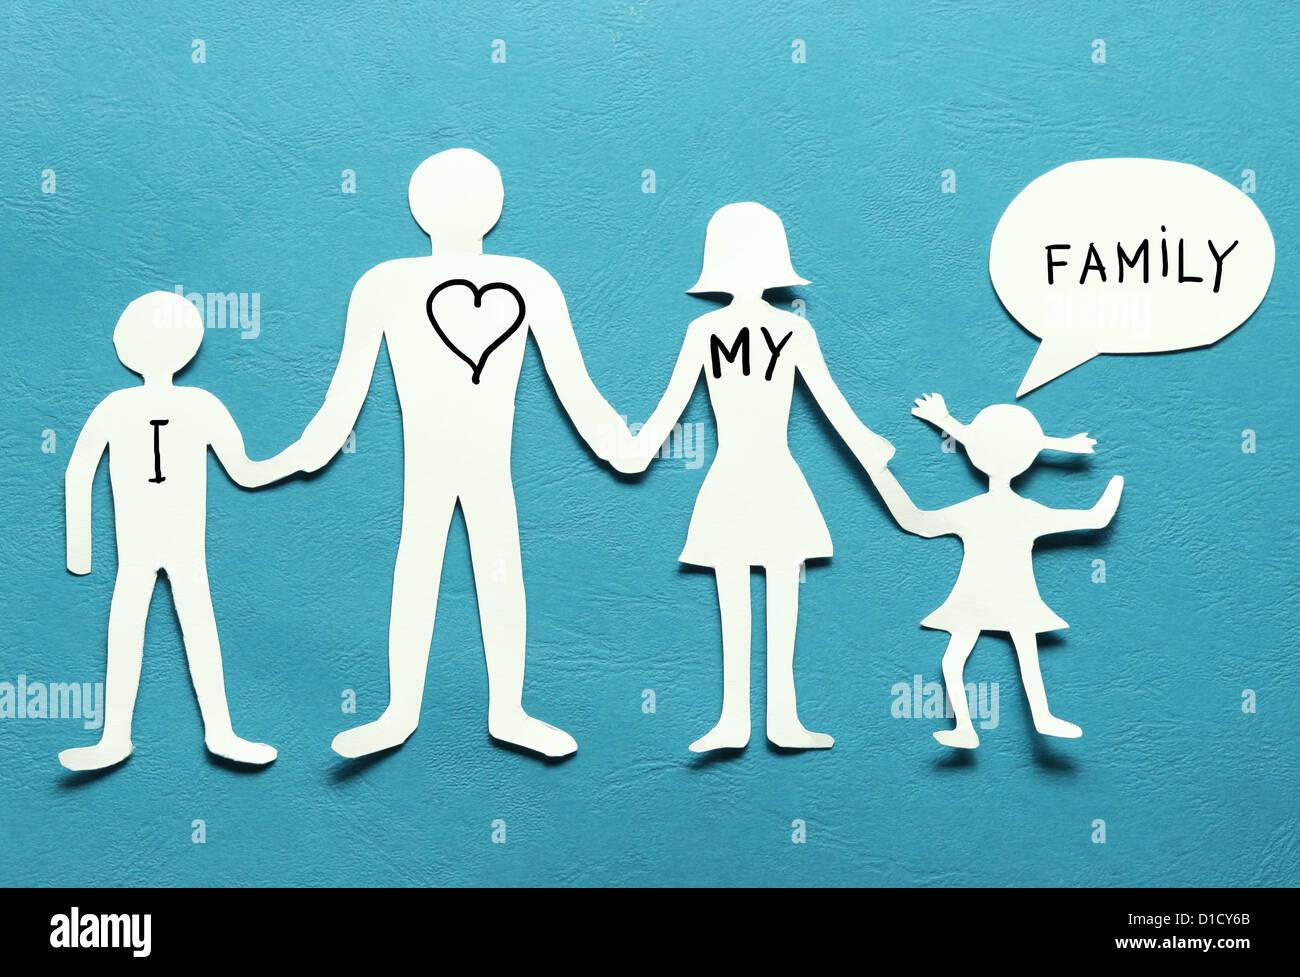 Les chiffres en carton de la famille sur un fond bleu. Le symbole de l'unité et de bonheur. Photo Stock